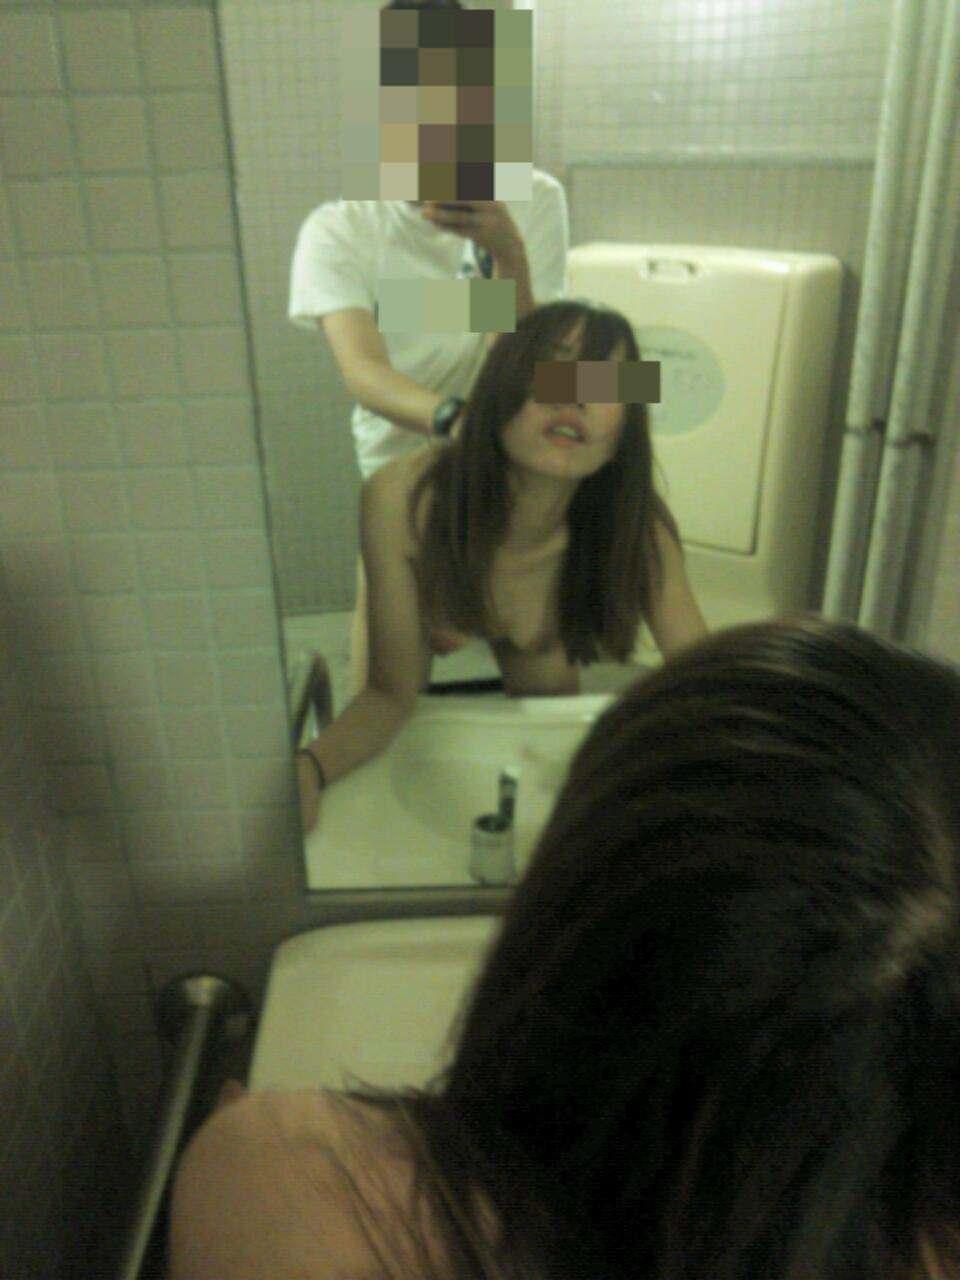 小汚い公衆トイレで超スケベなセックスがたまらんwww彼女のエッチな身体をどこでも直ぐに抱きたいwww 1855